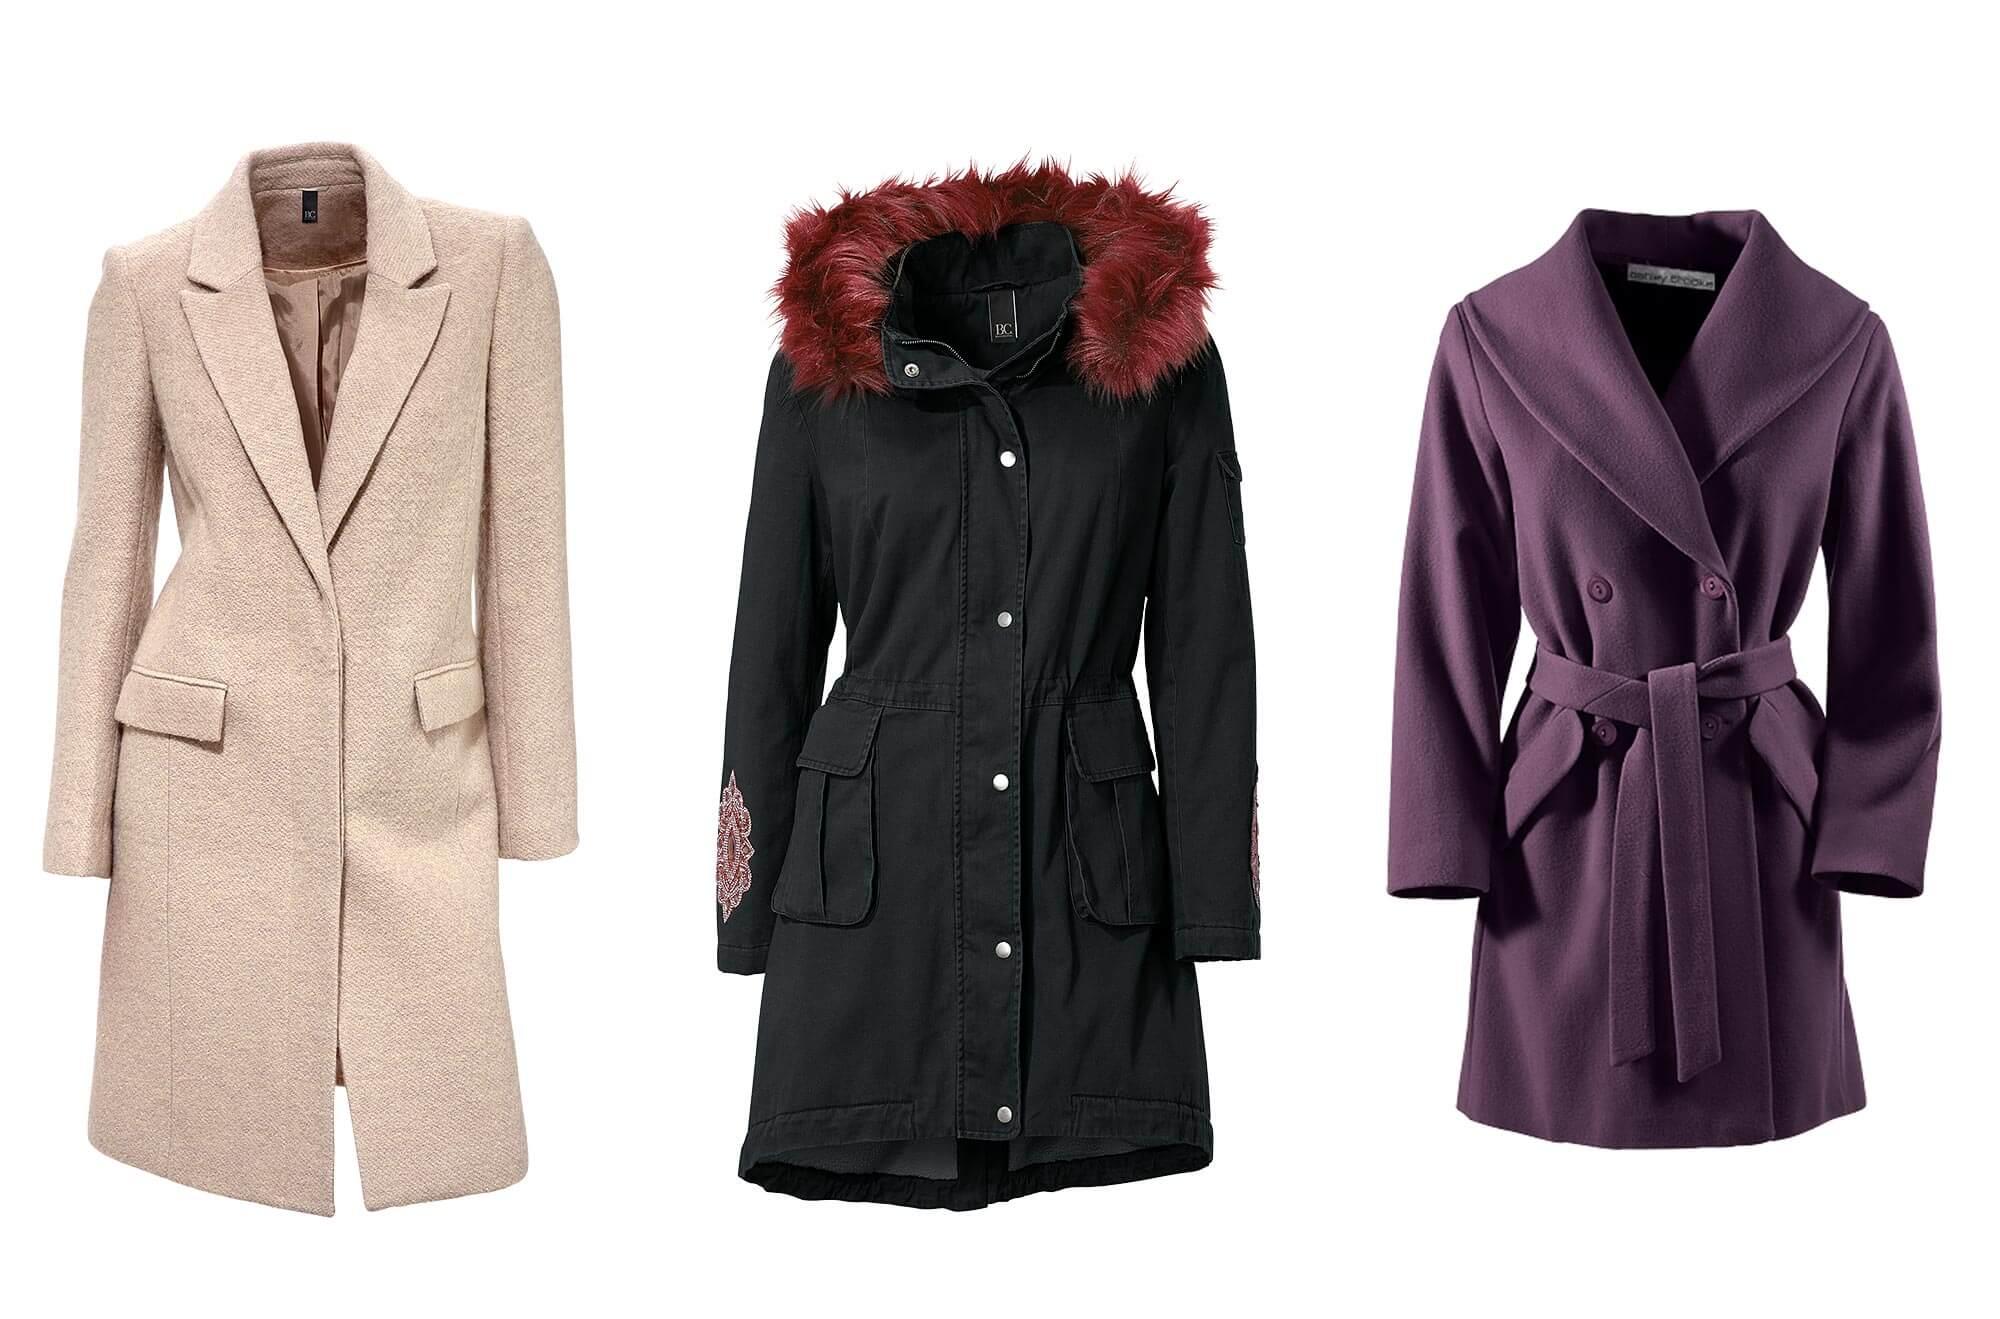 Mäntel und Jacken für kurvige Frauen.